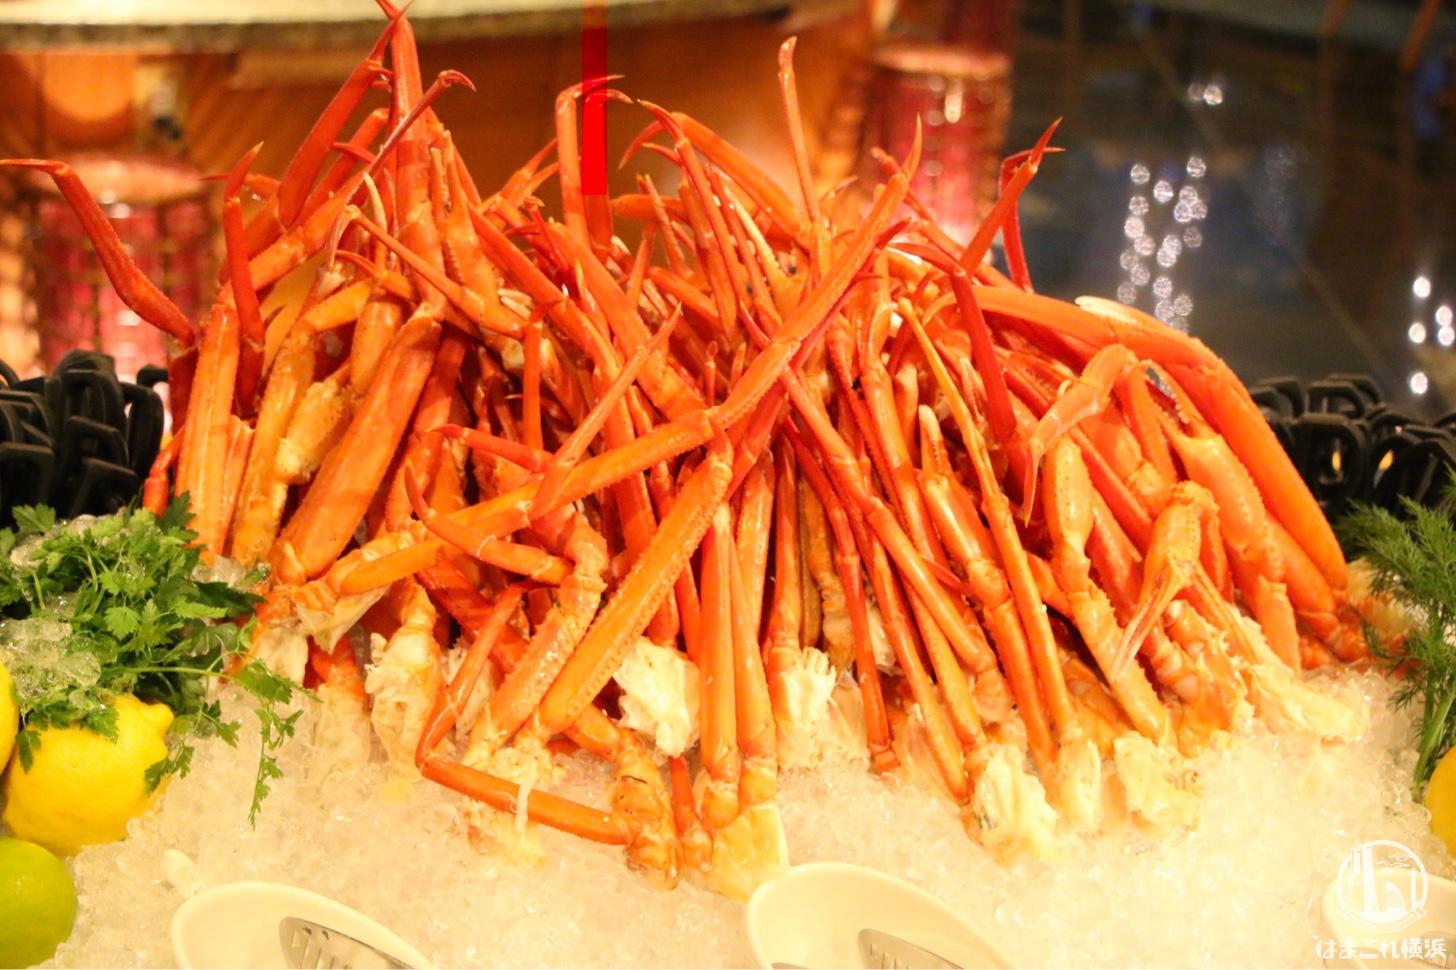 横浜ベイホテル東急 蟹やイクラなど北海道の食材揃う人気ディナーブッフェが最高!!